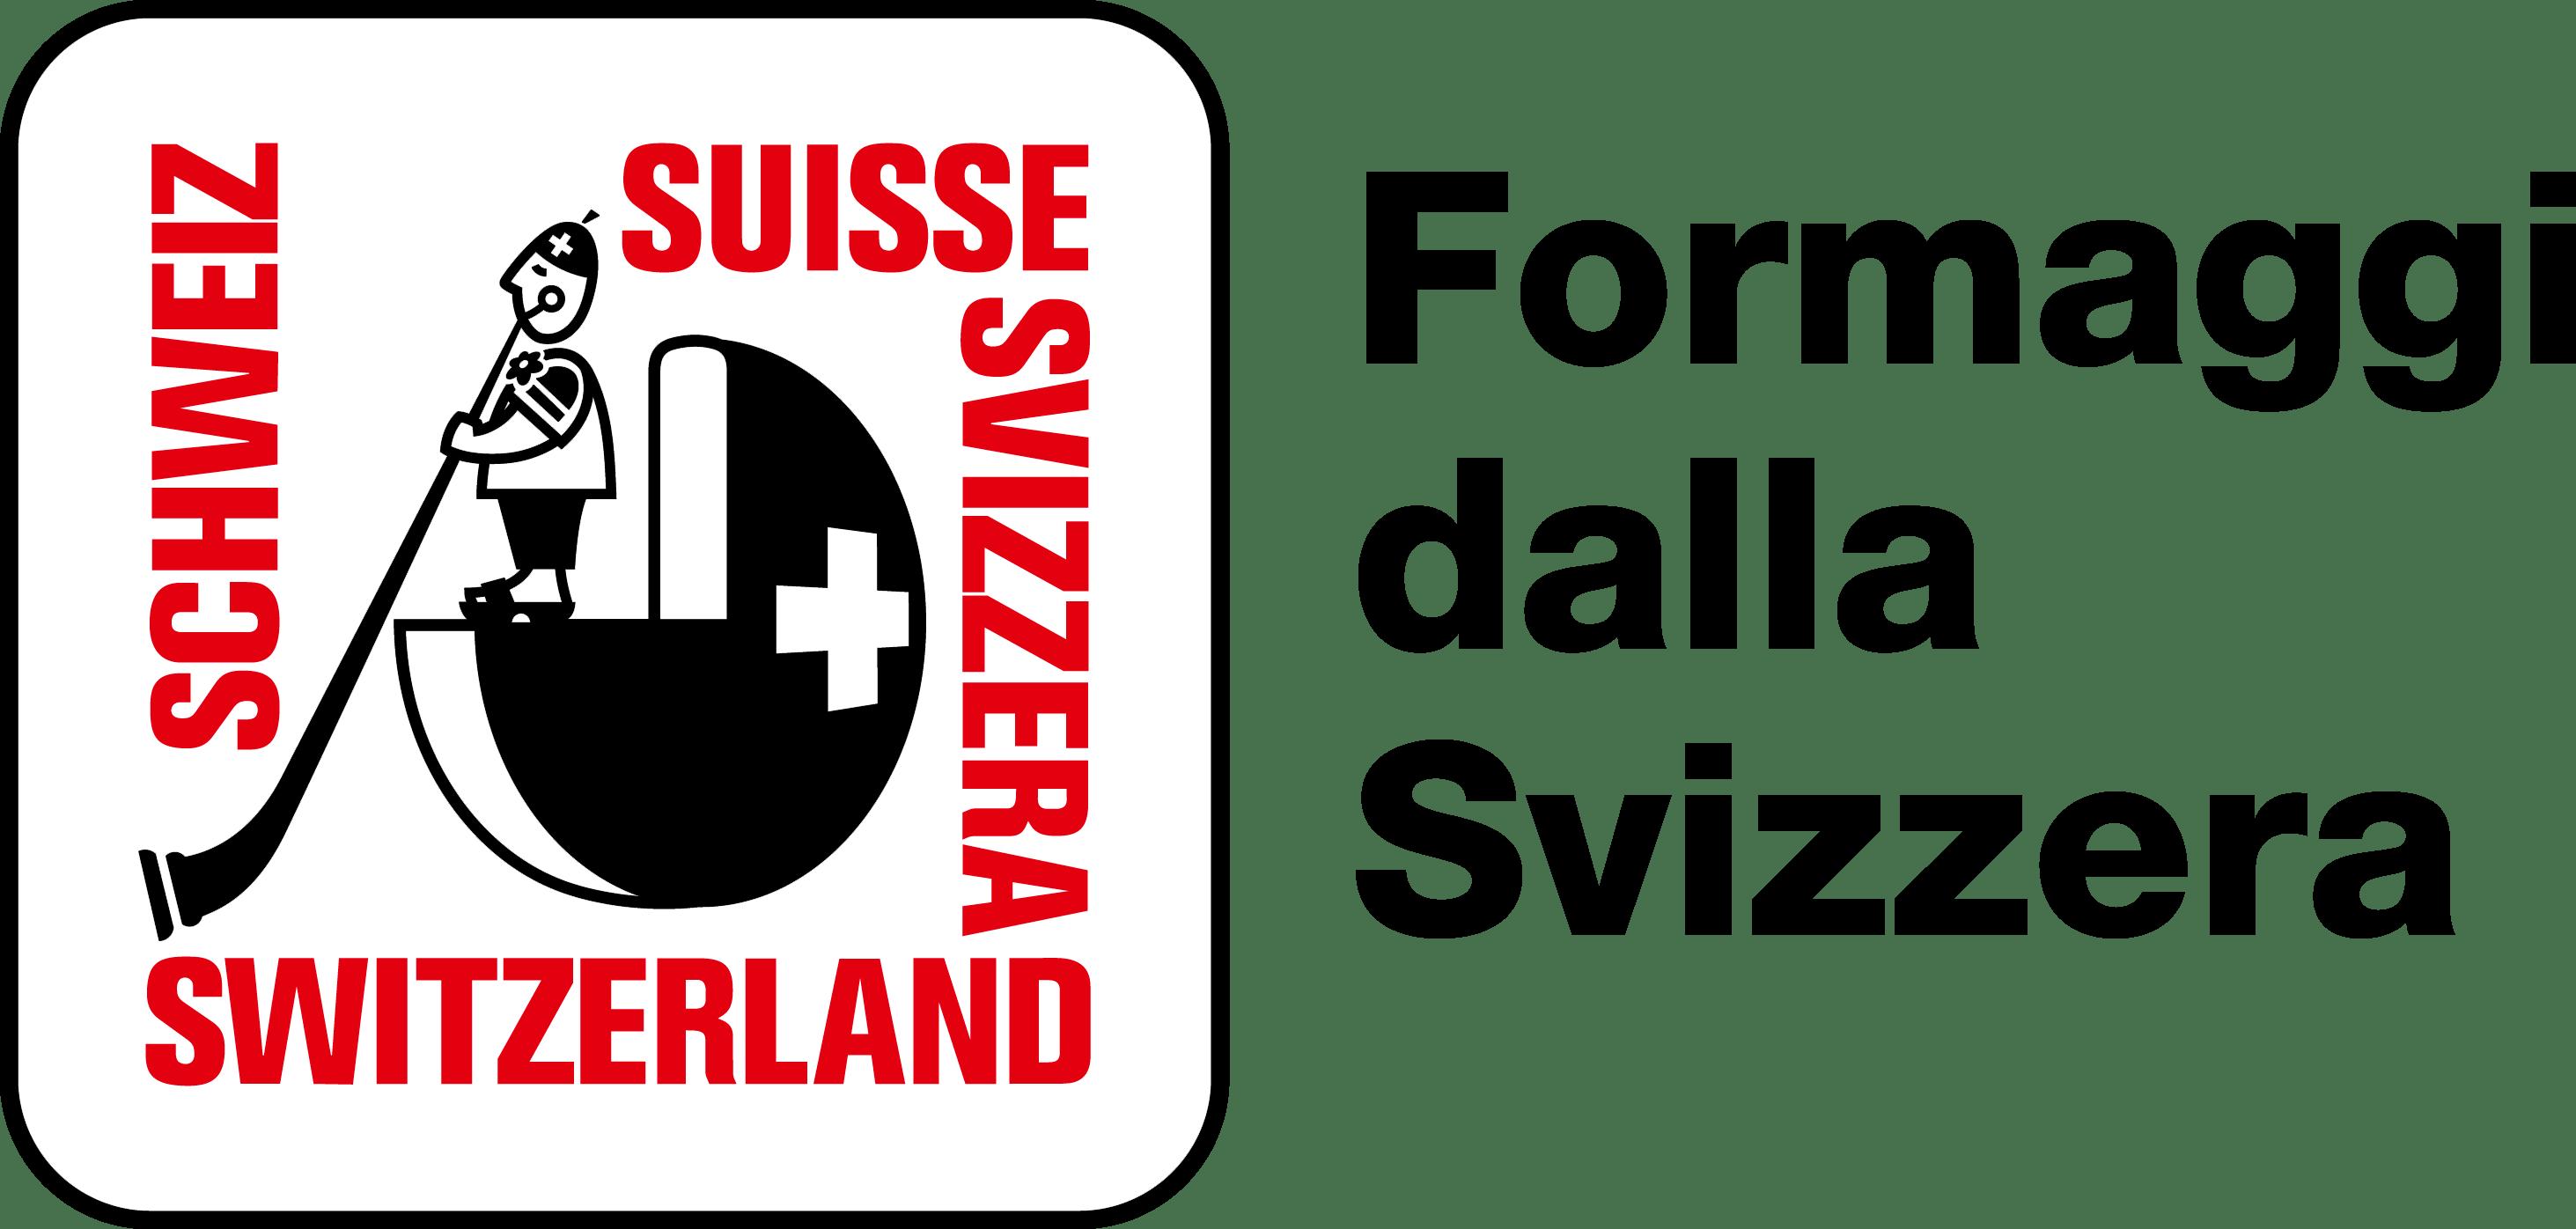 Naviga nel gusto con i formaggi della Svizzera.